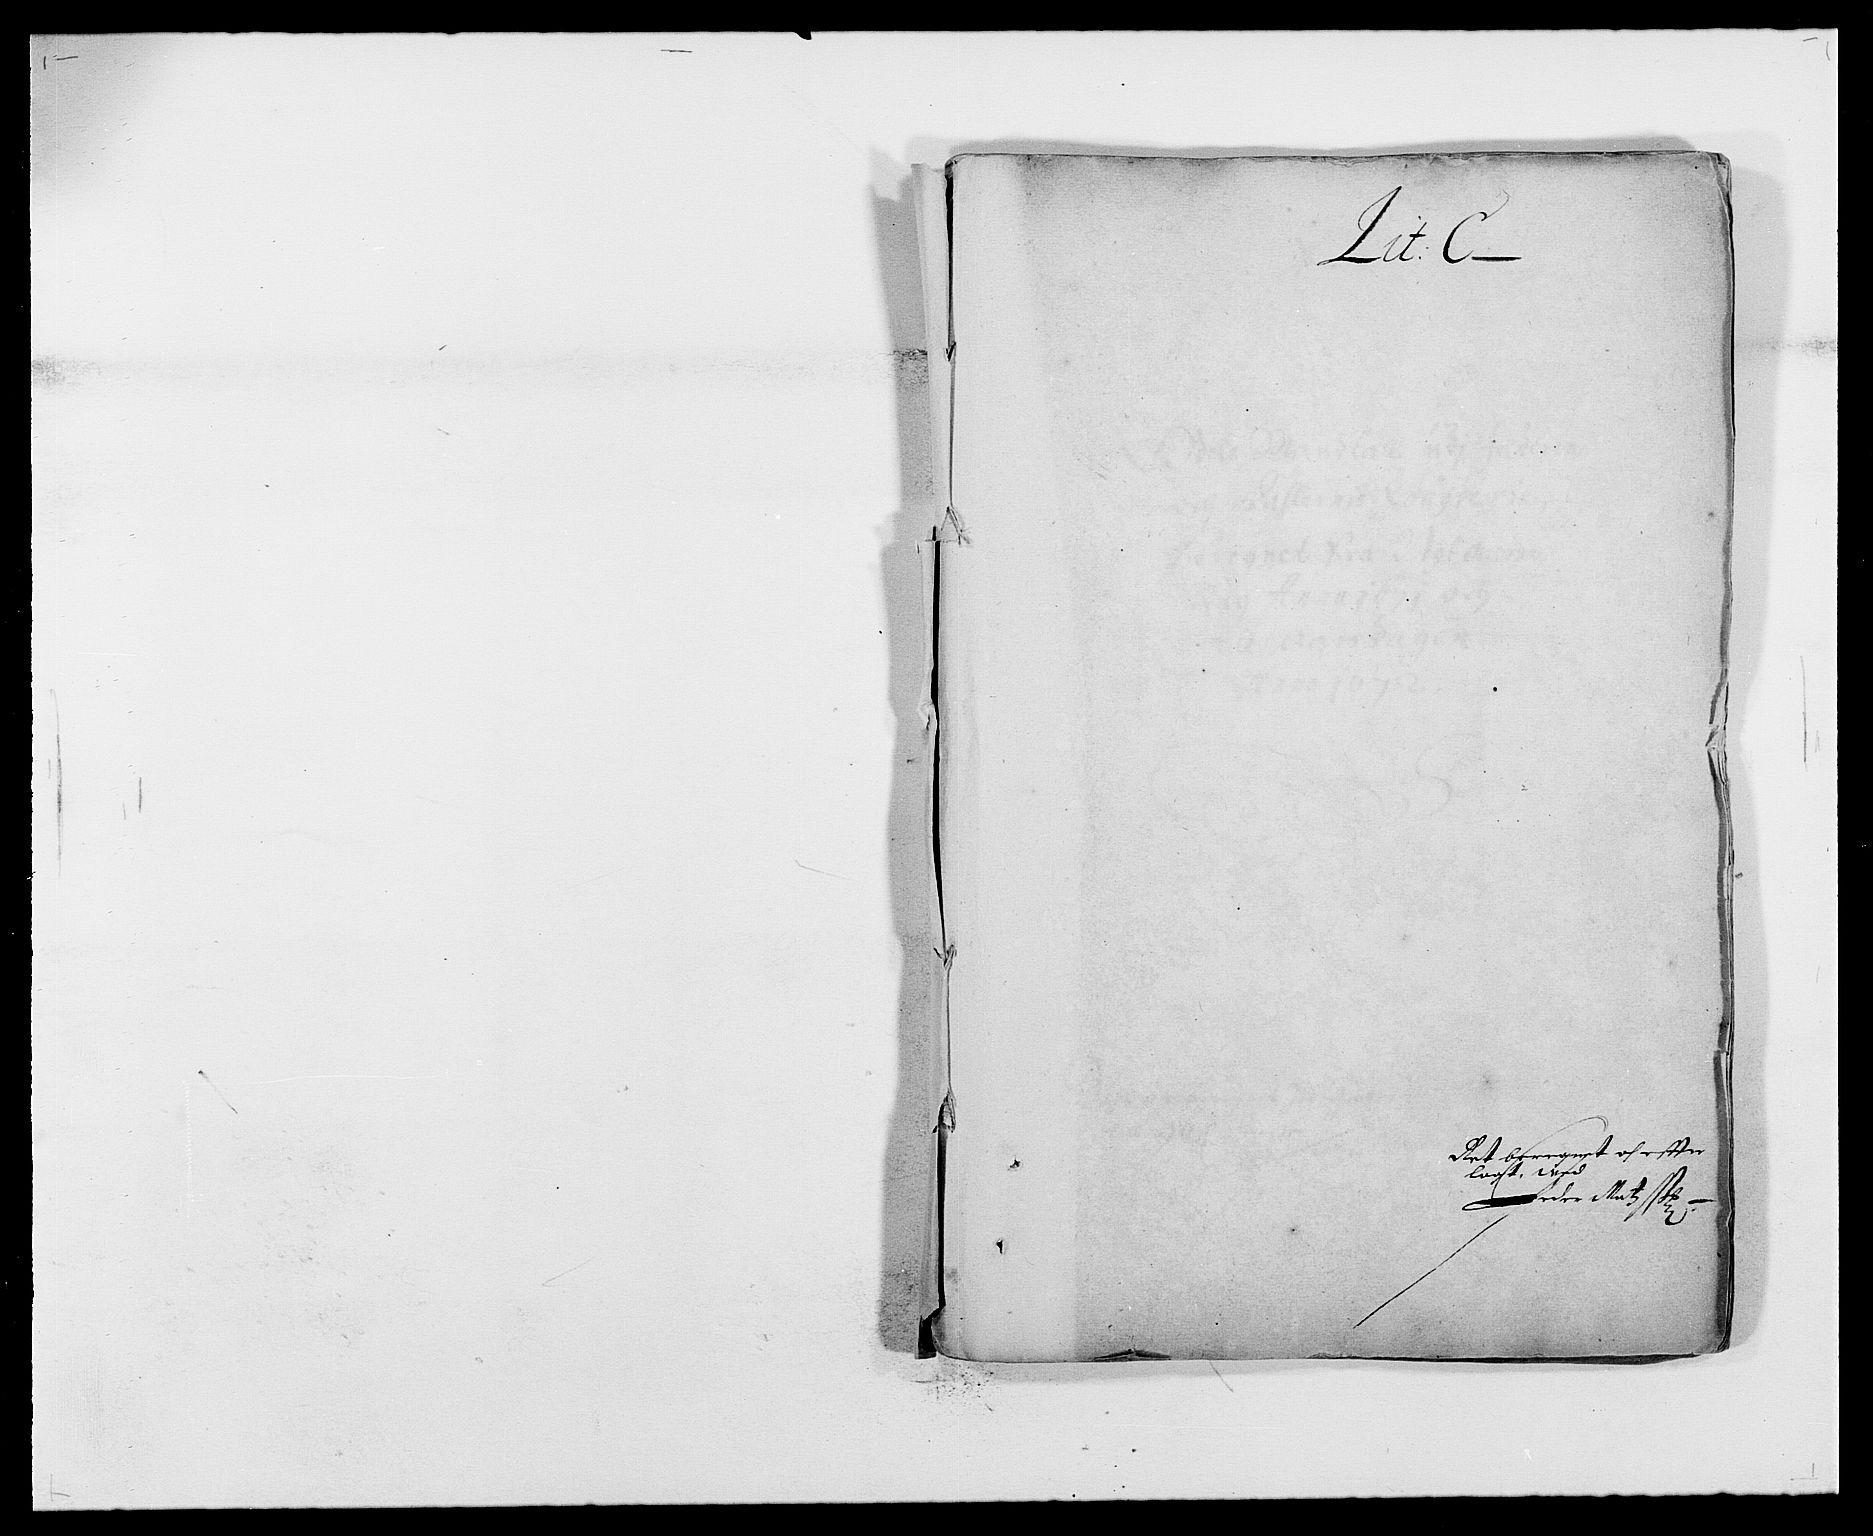 RA, Rentekammeret inntil 1814, Reviderte regnskaper, Fogderegnskap, R46/L2713: Fogderegnskap Jæren og Dalane, 1671-1672, s. 39